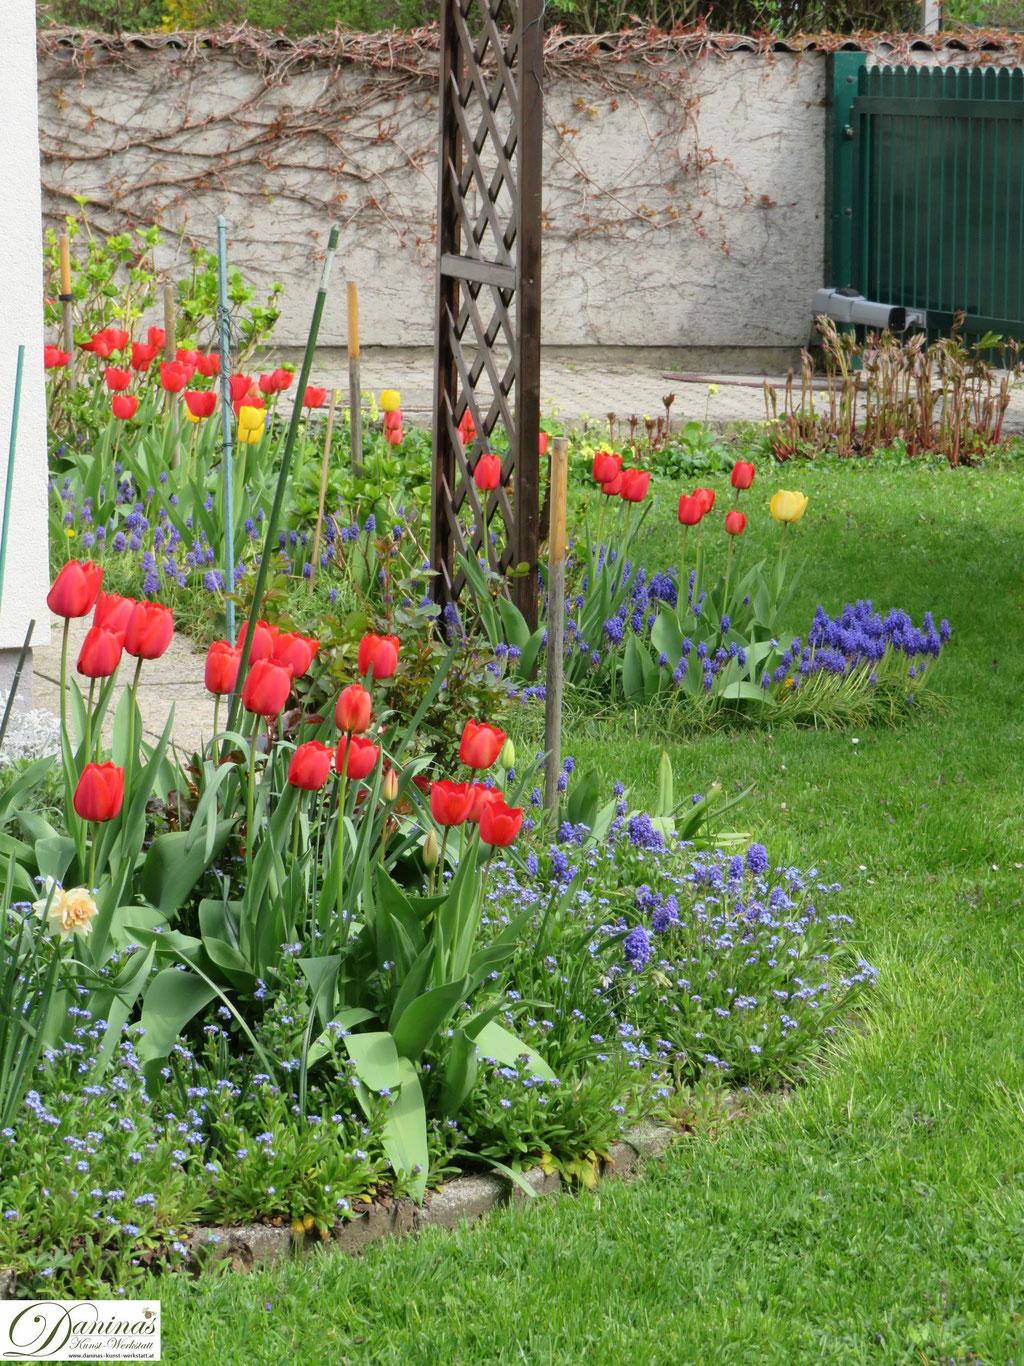 Garten im Frühling - Frühlingsblumen im Beet. Tulpen und Traubenhyazinthen